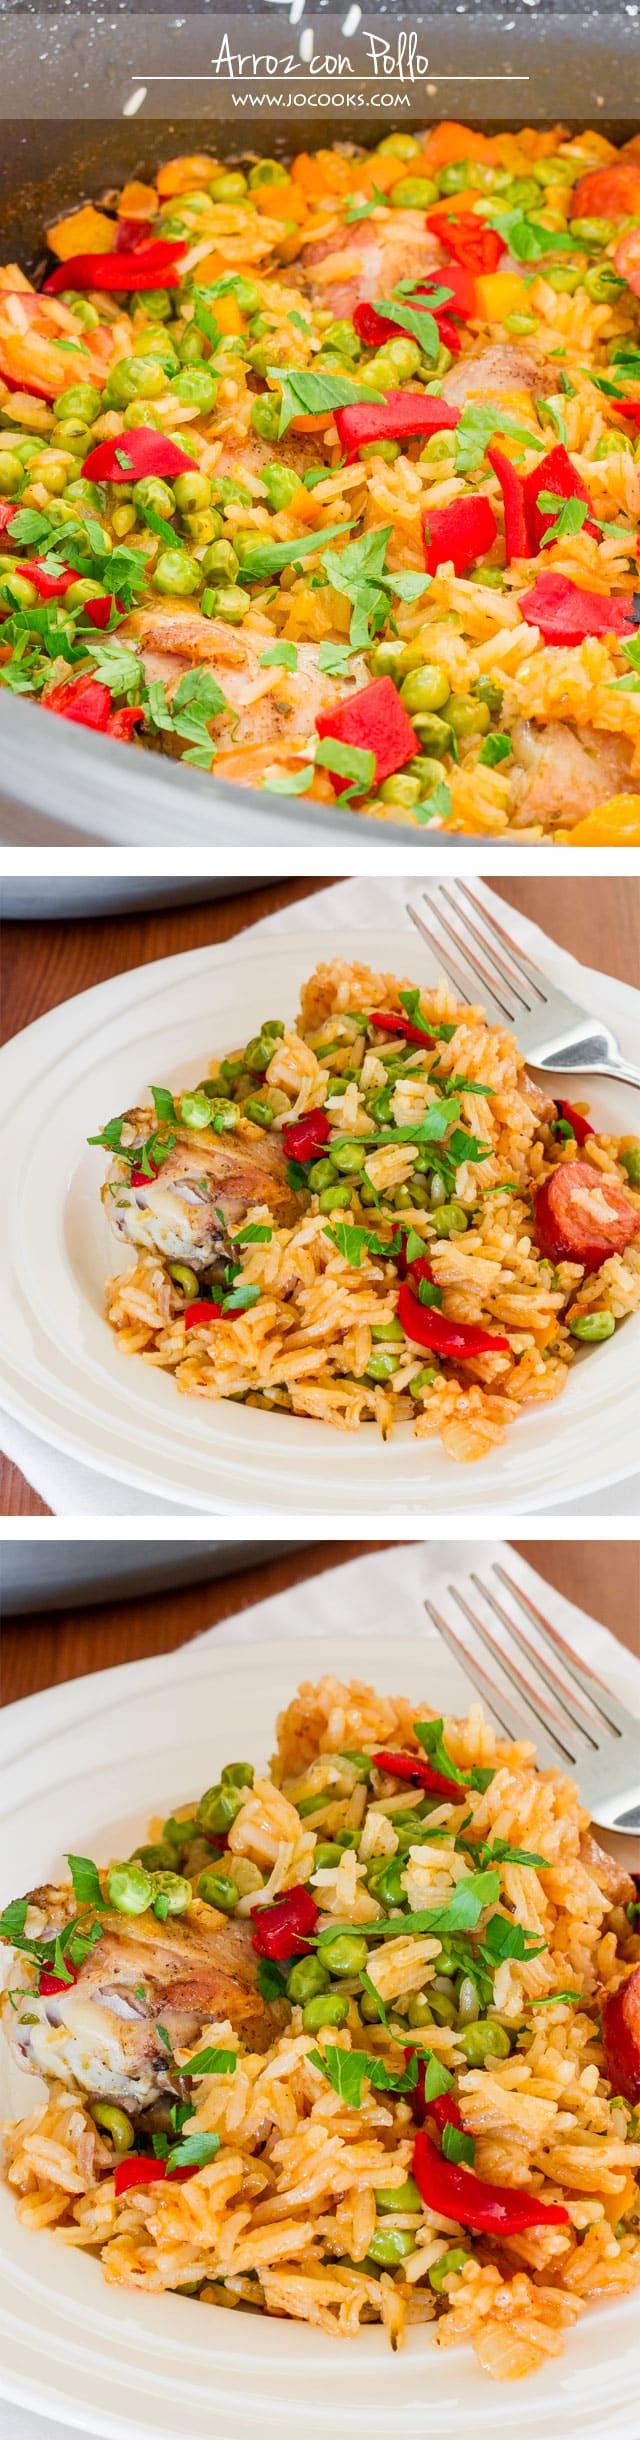 arroz-con-pollo-collage